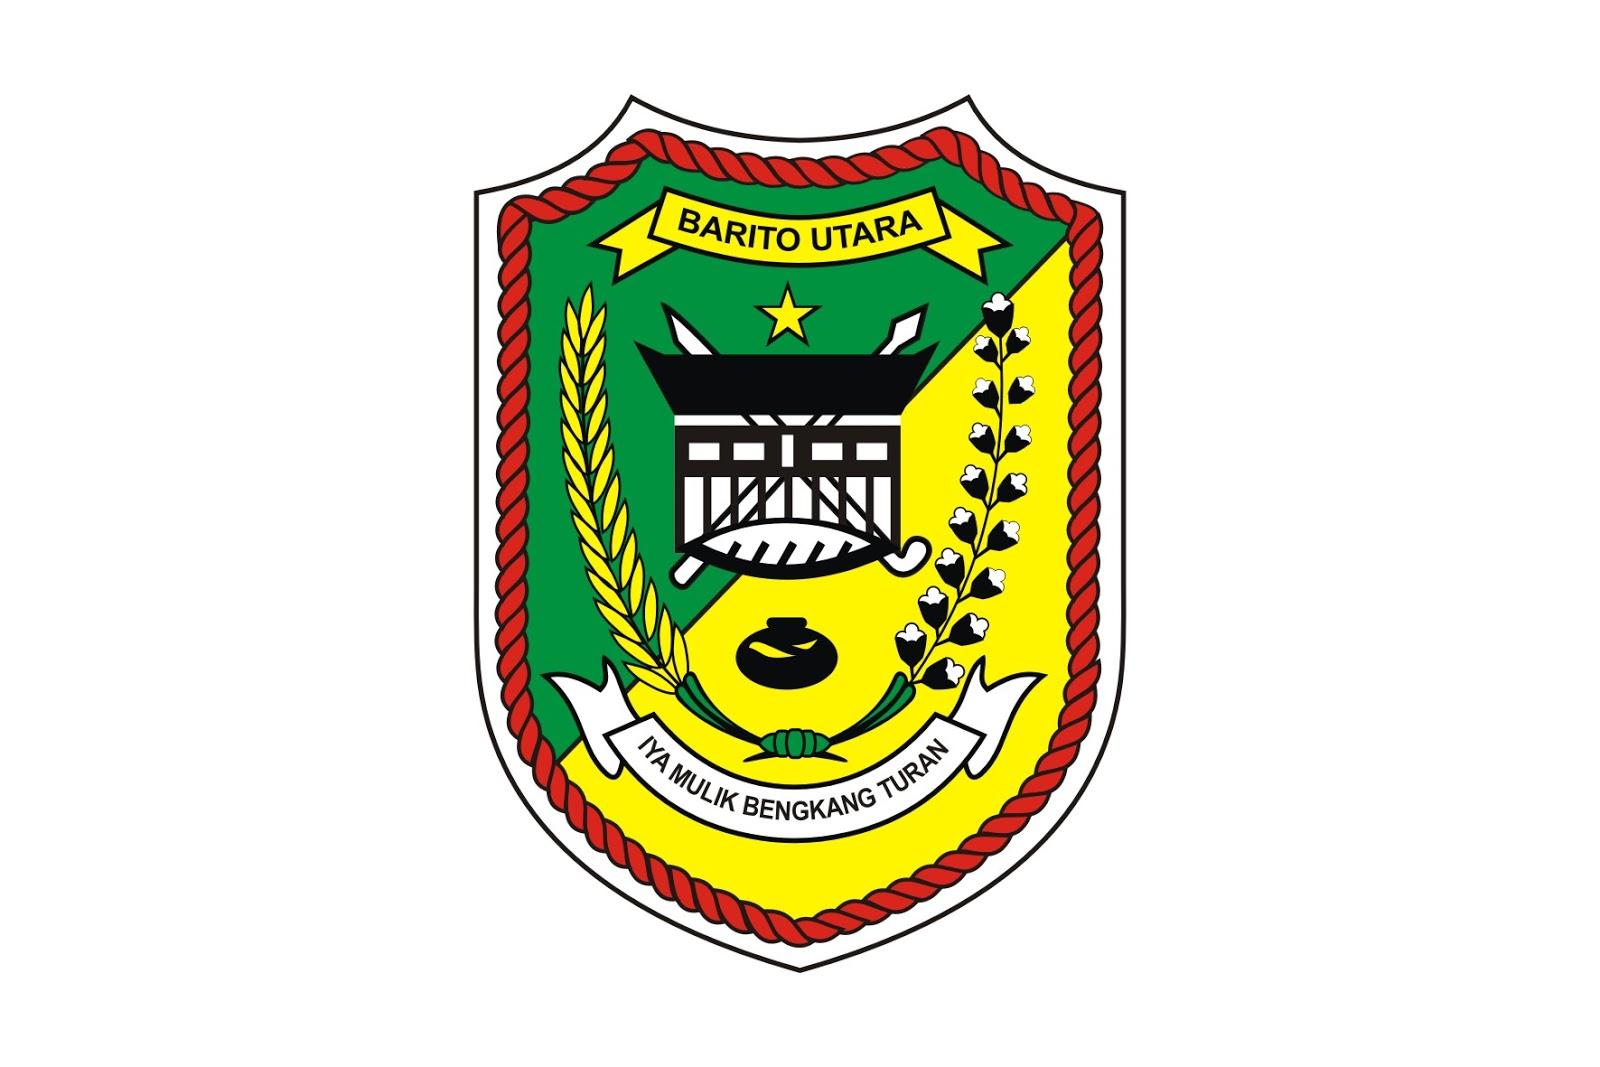 Kabupaten Barito Utara Logo